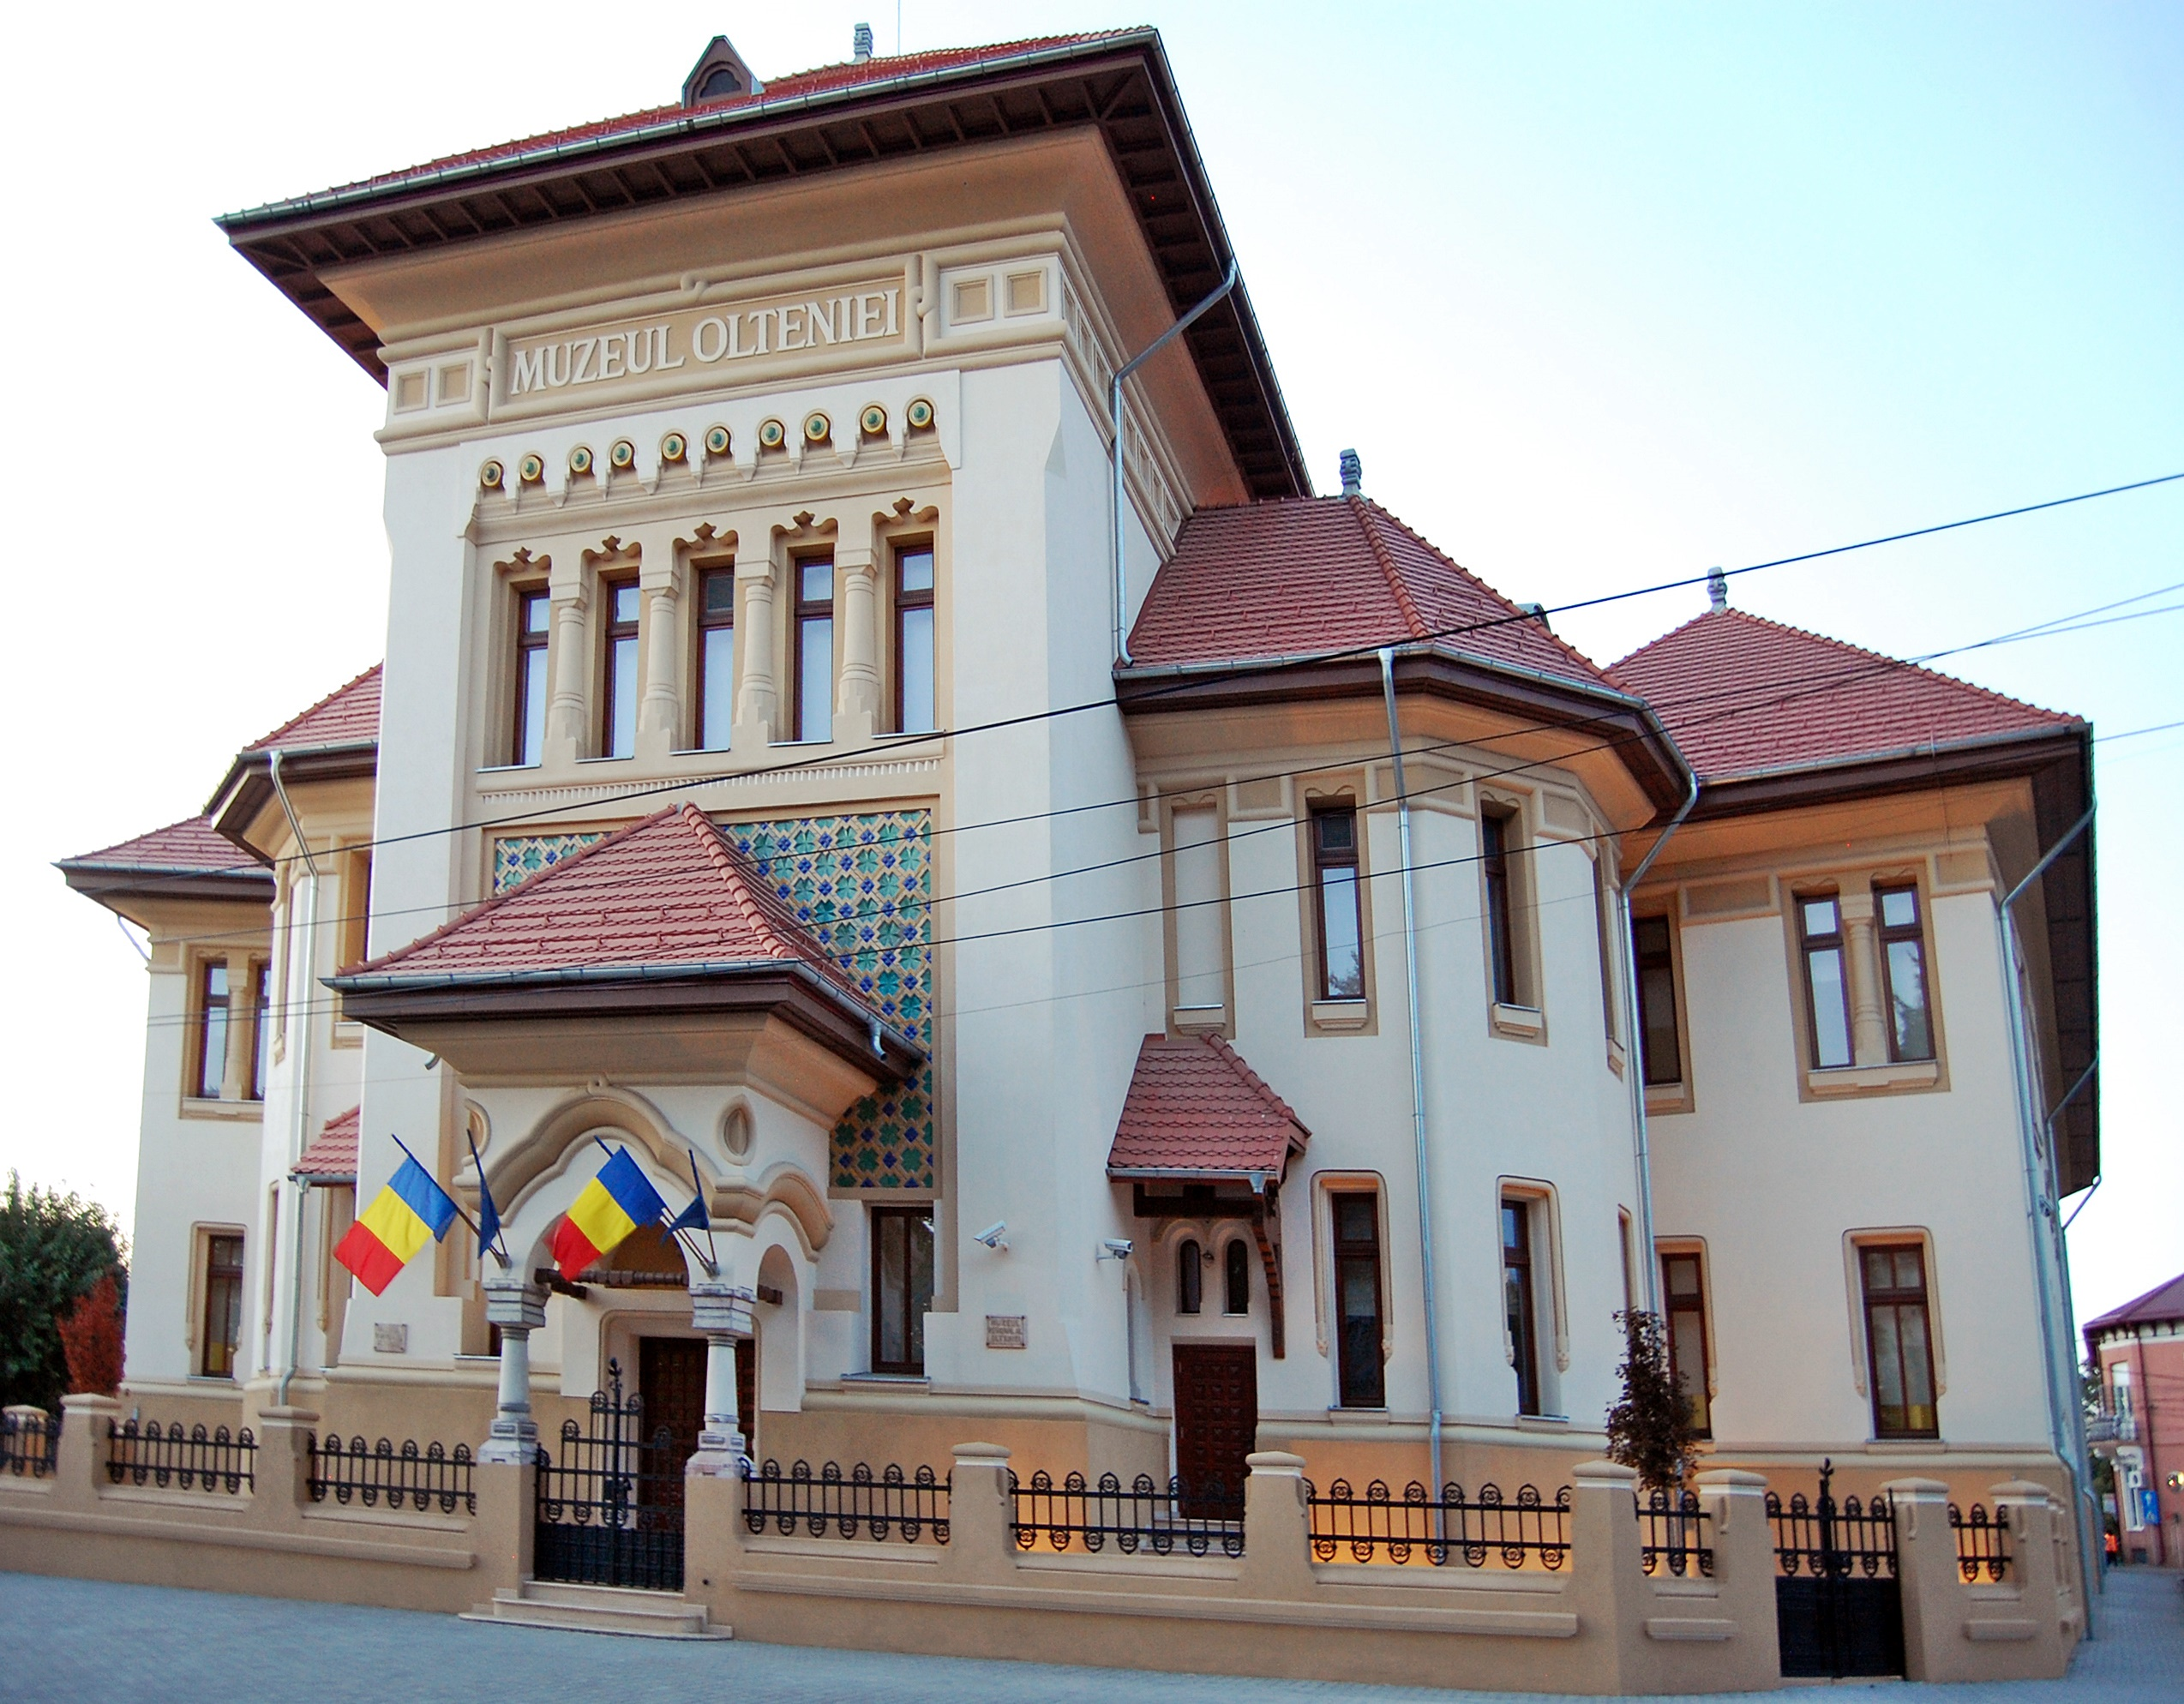 Oltenia Museum